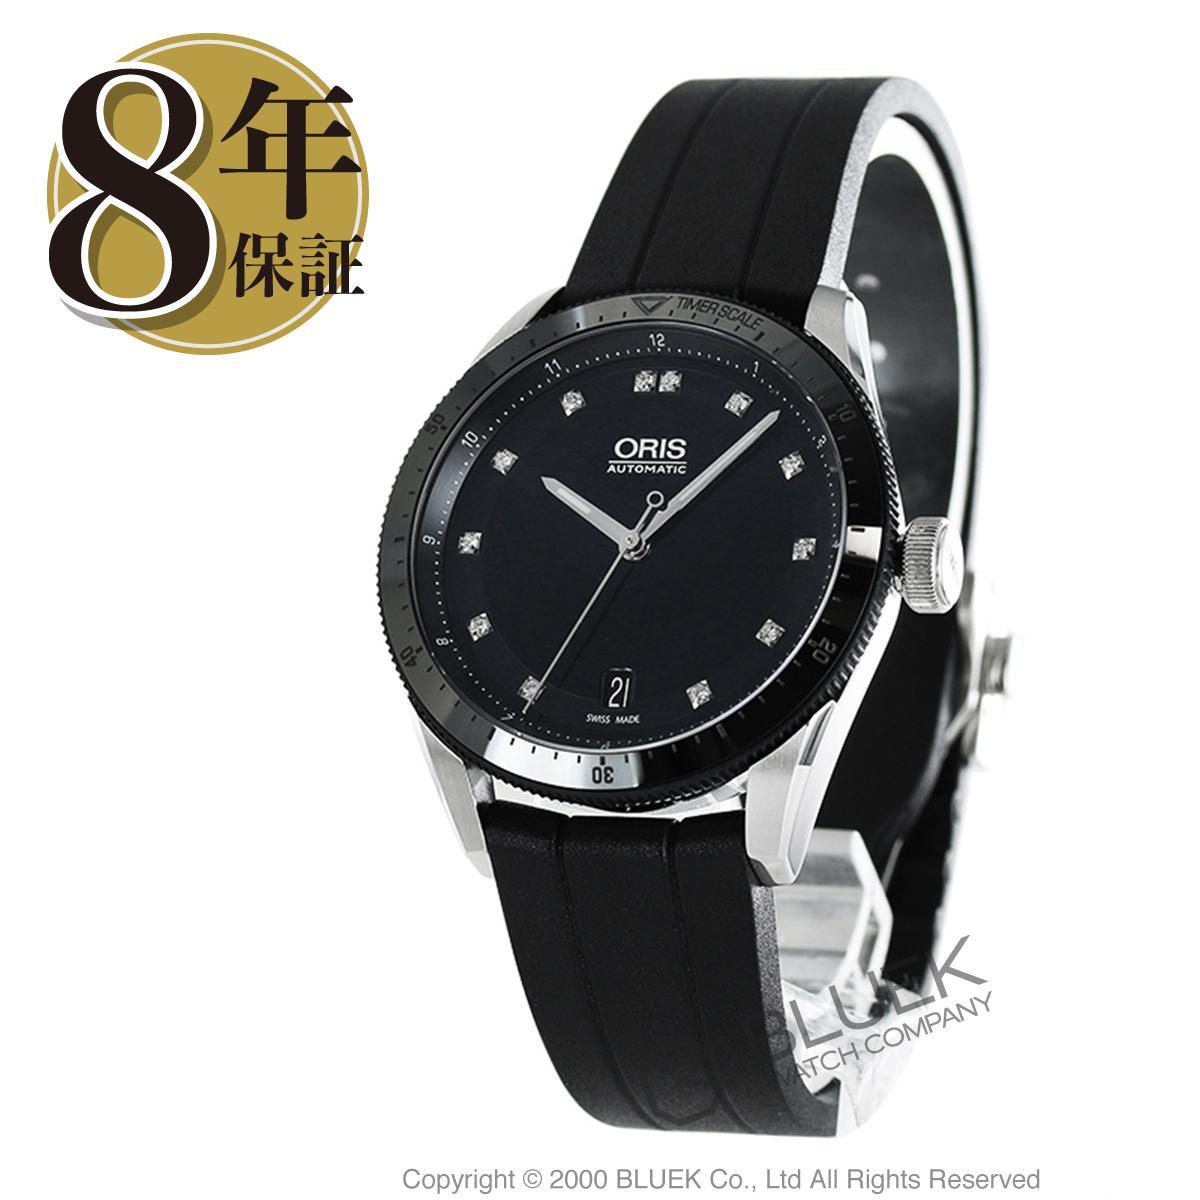 【3,000円OFFクーポン対象】オリス アーティックス GT ダイヤ 腕時計 レディース ORIS 733 7671 4494R_8